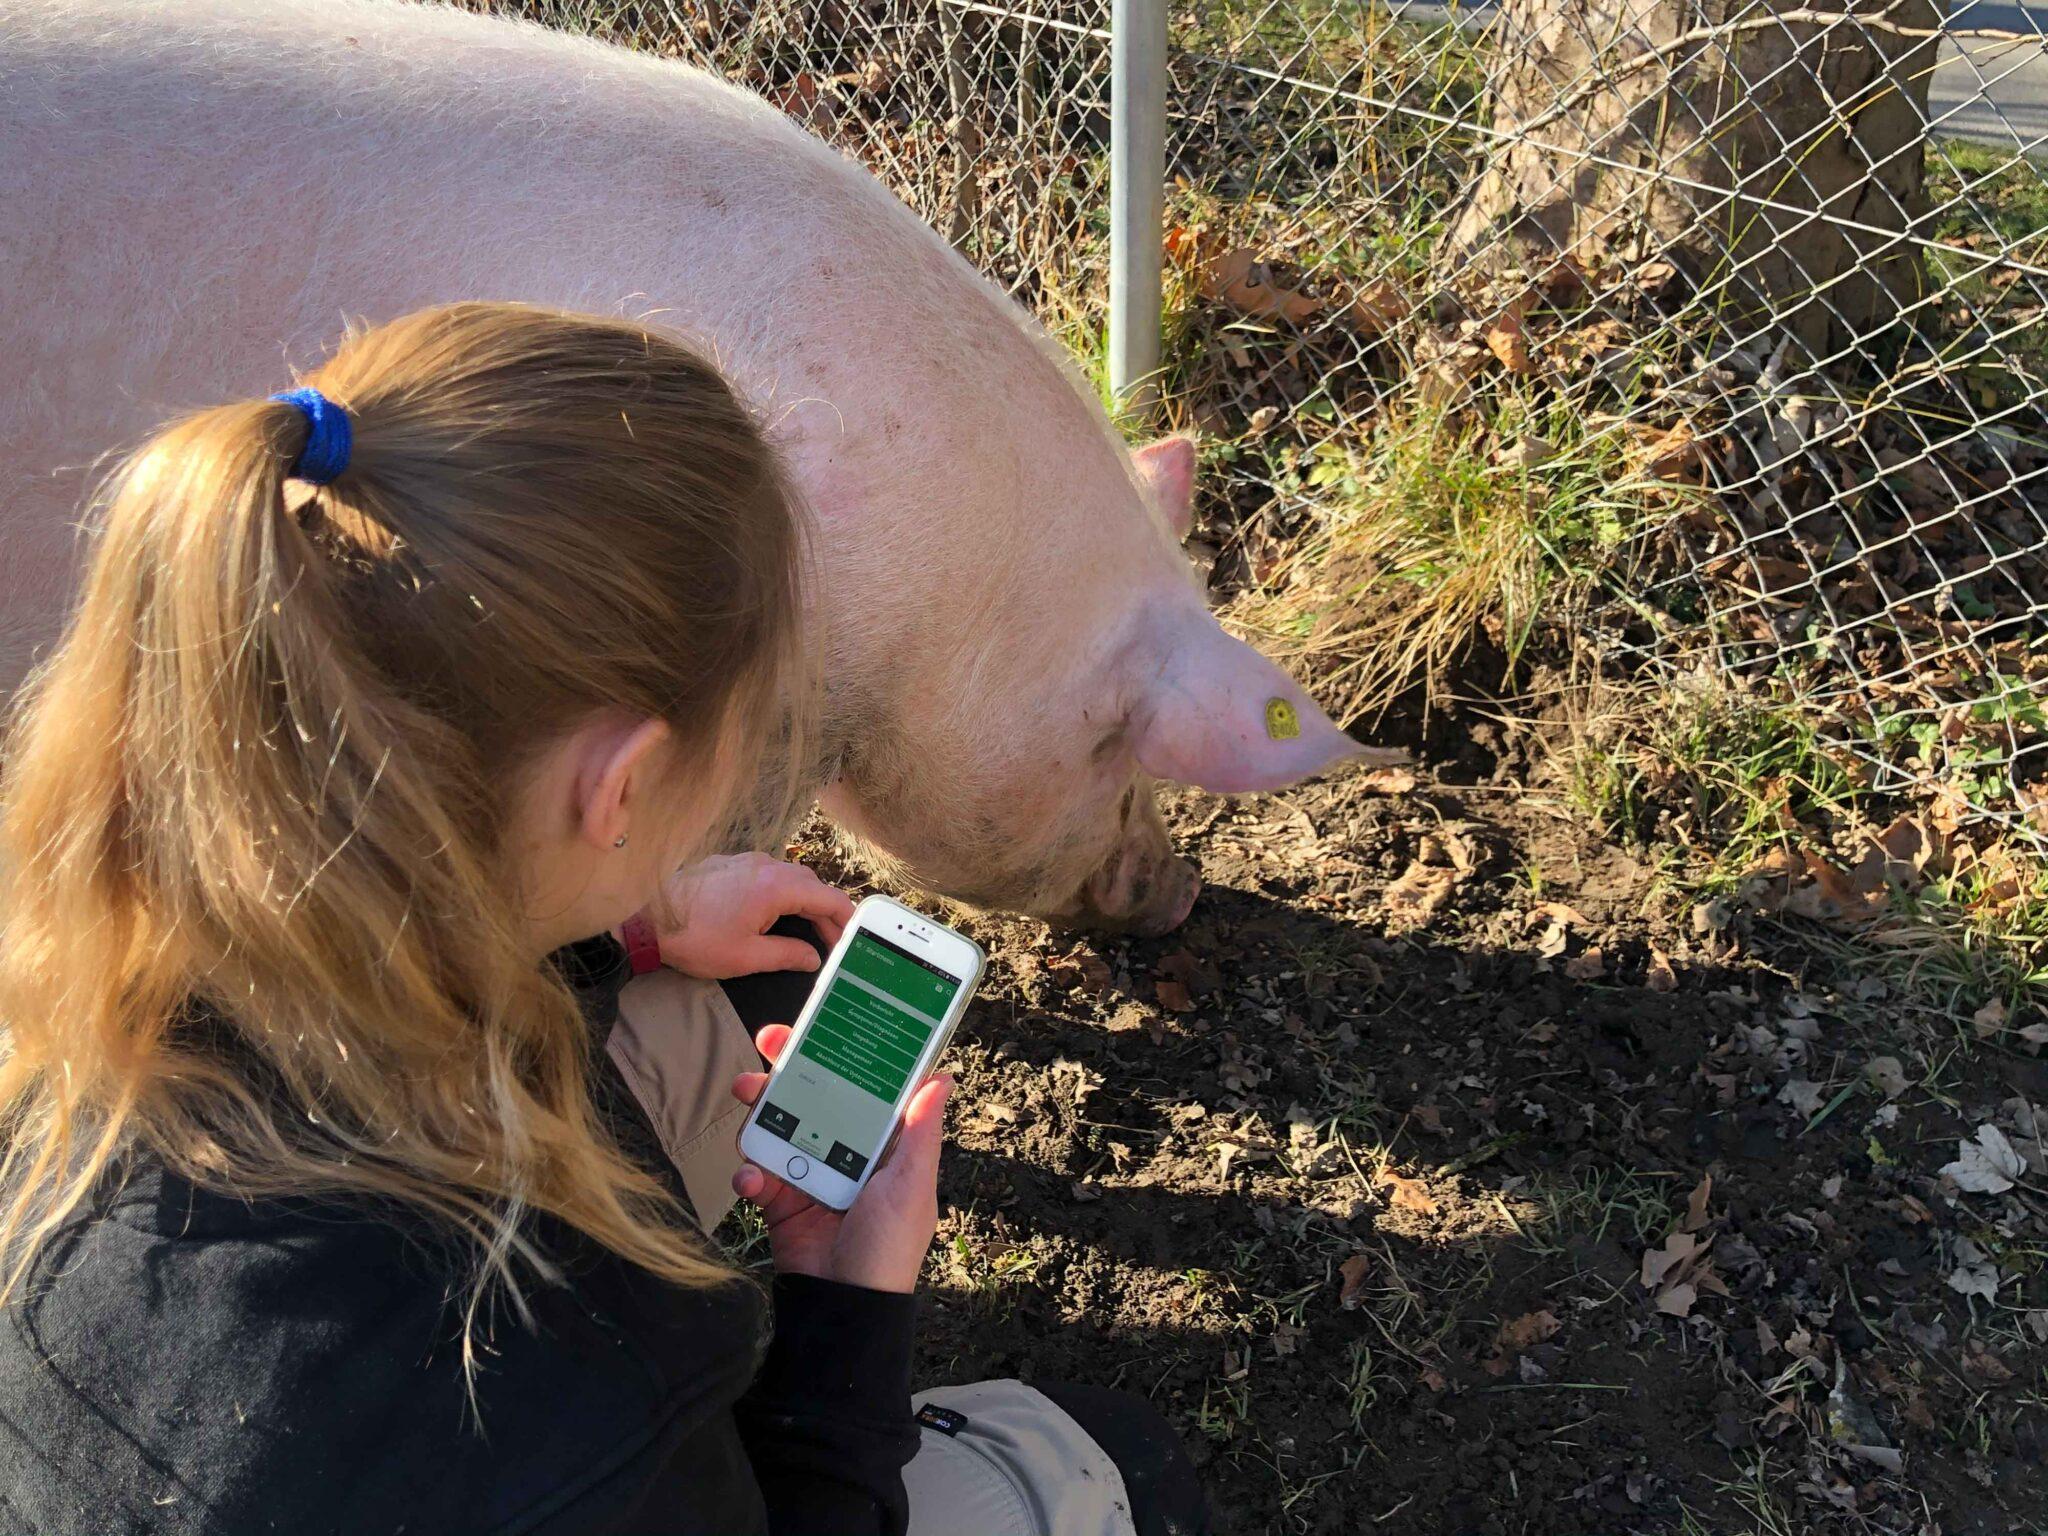 Eine Tierärztin erfasst die Gesundheit eines Schweines mit der Handy-App